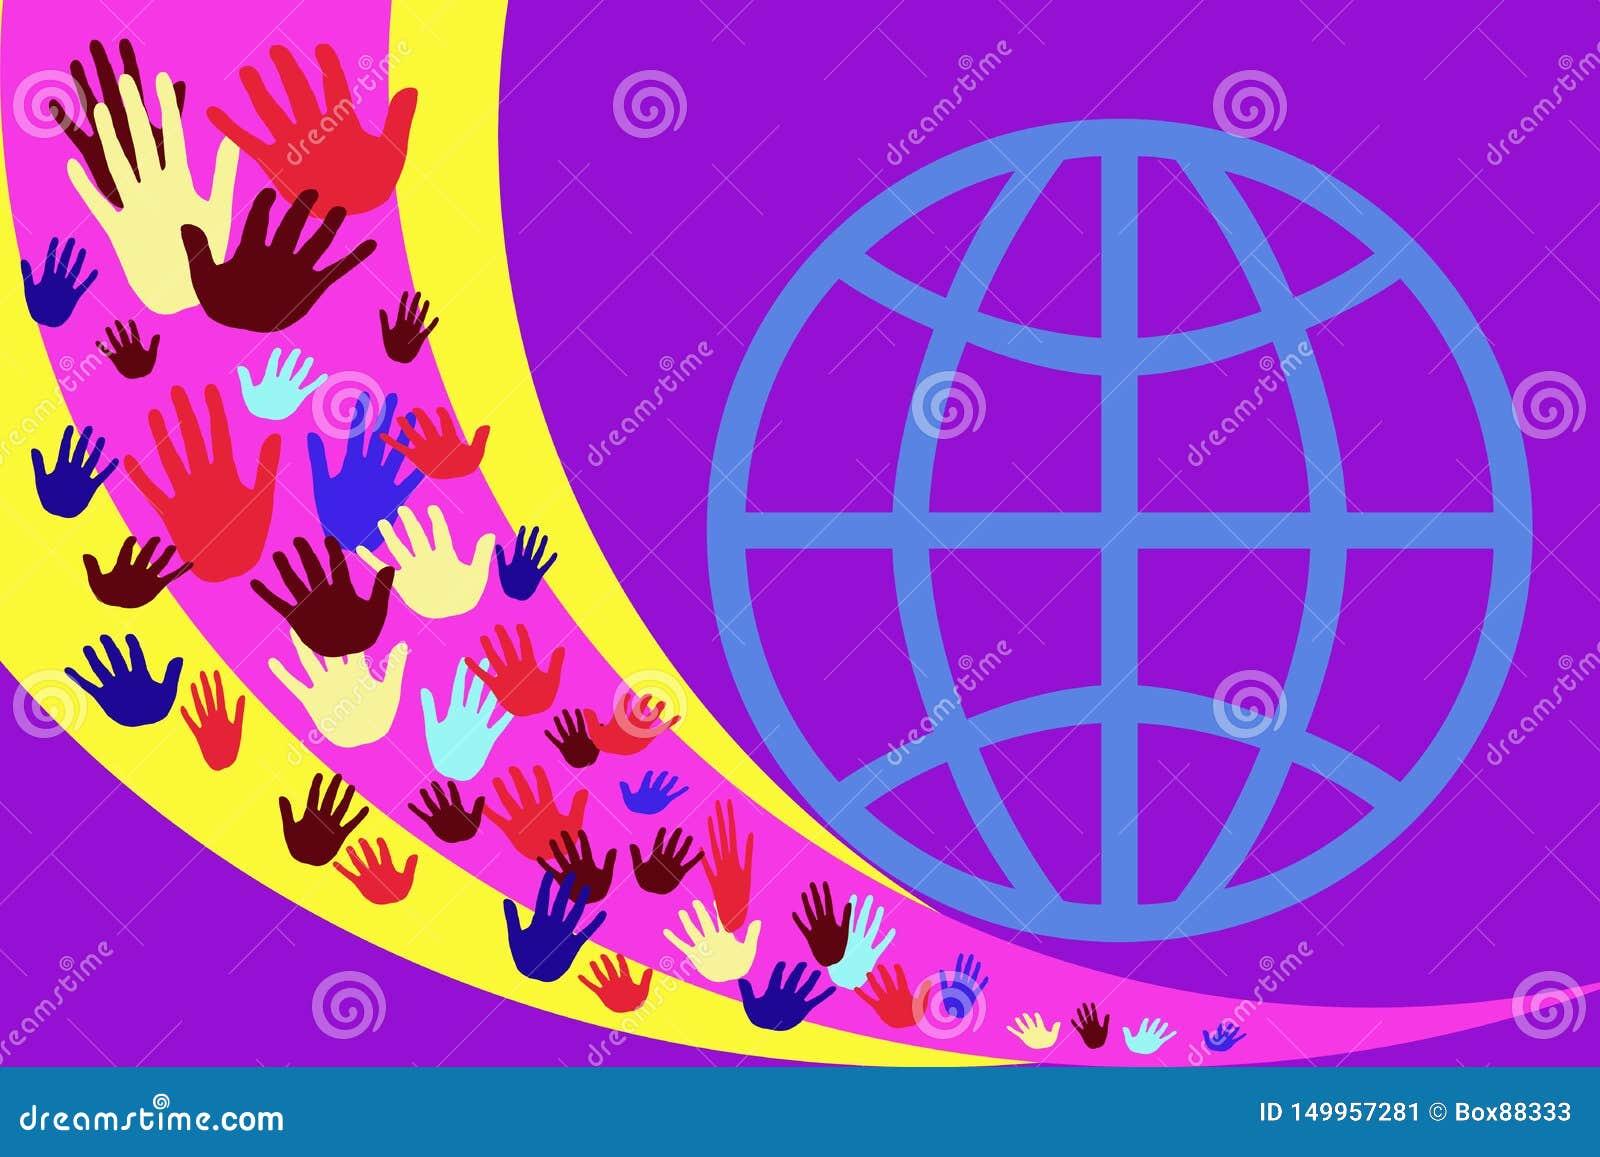 Abstract beeld met multicolored handen op een achtergrond van gele en purpere strepen